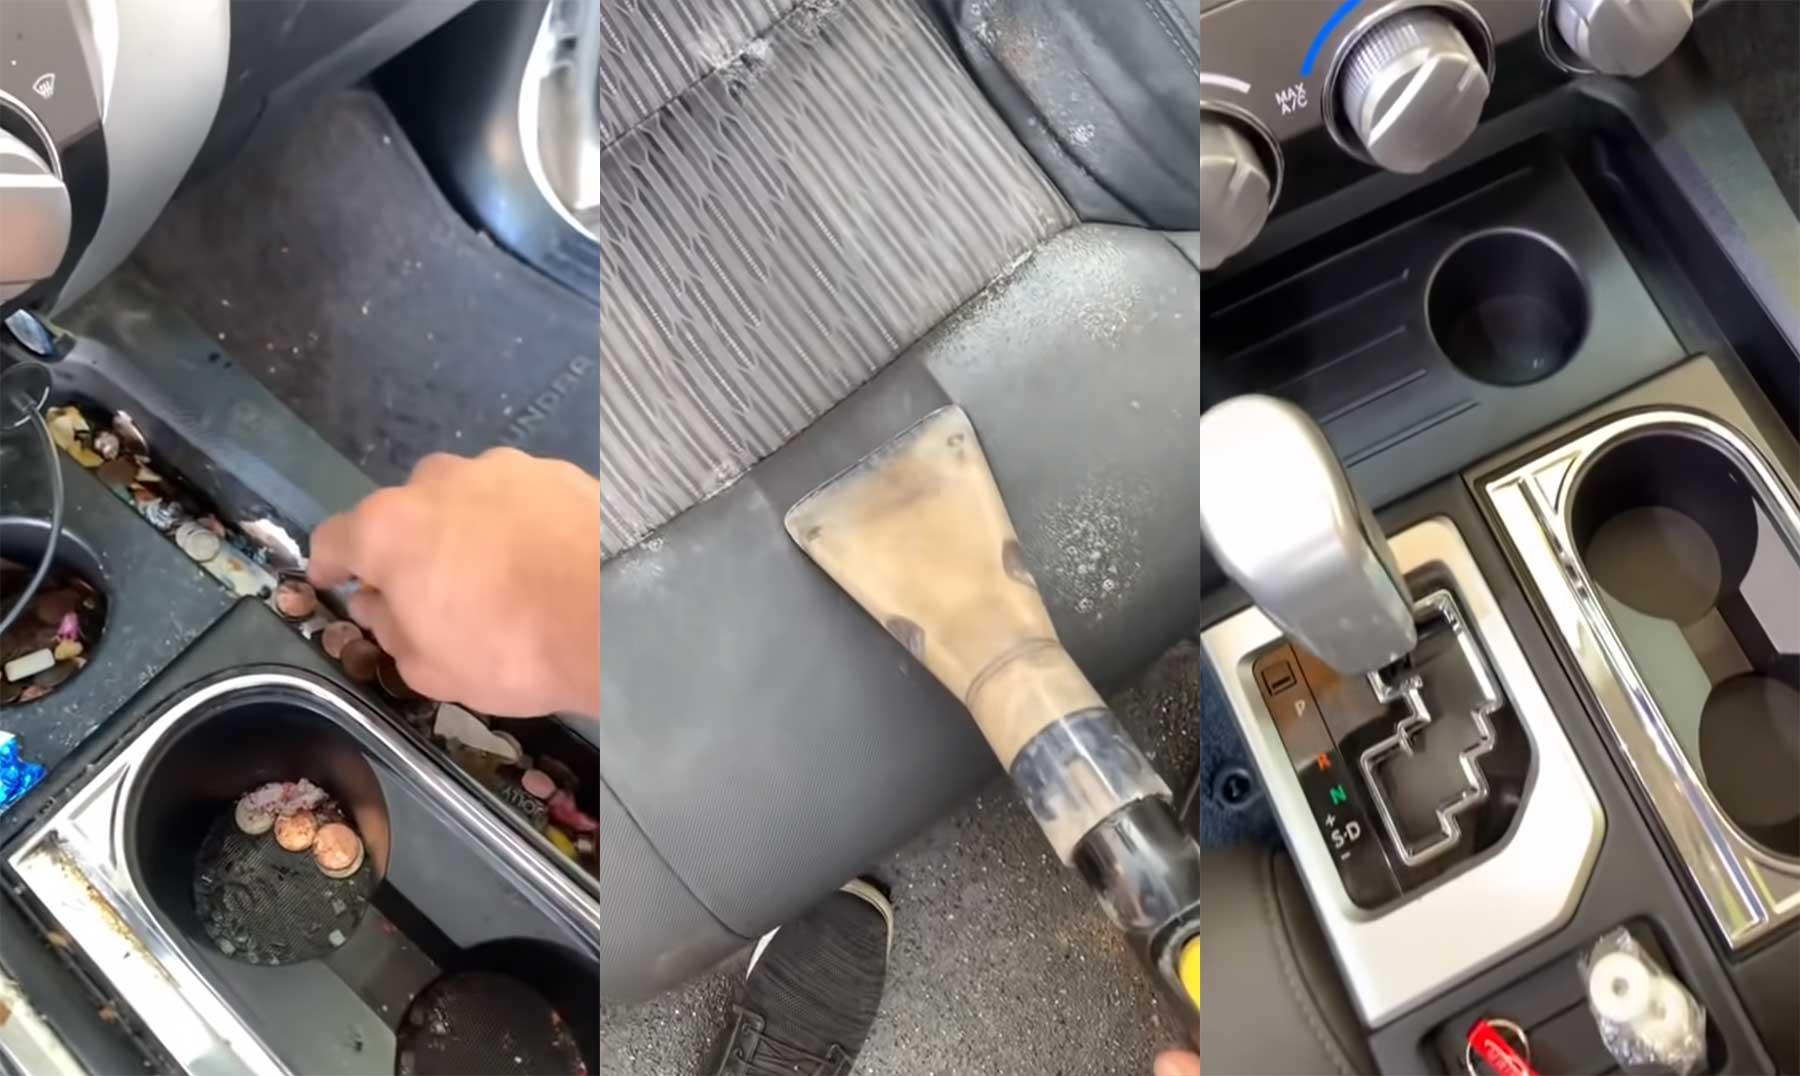 Grundreinigung eines verdreckten Auto-Innenraumes